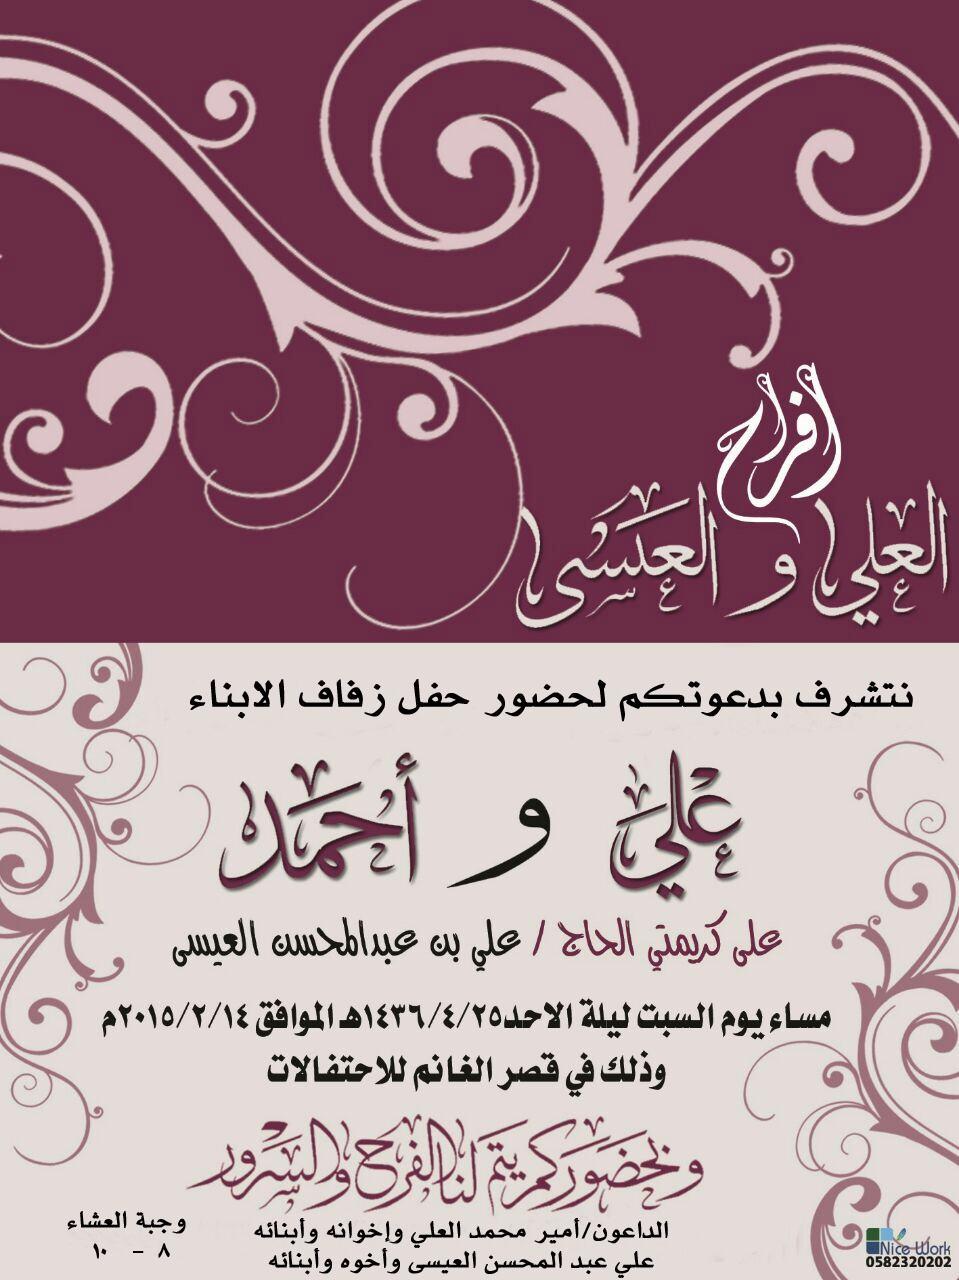 أبناء الحاج صالح العليوي يدعونكم لحفل زفاف أحمد